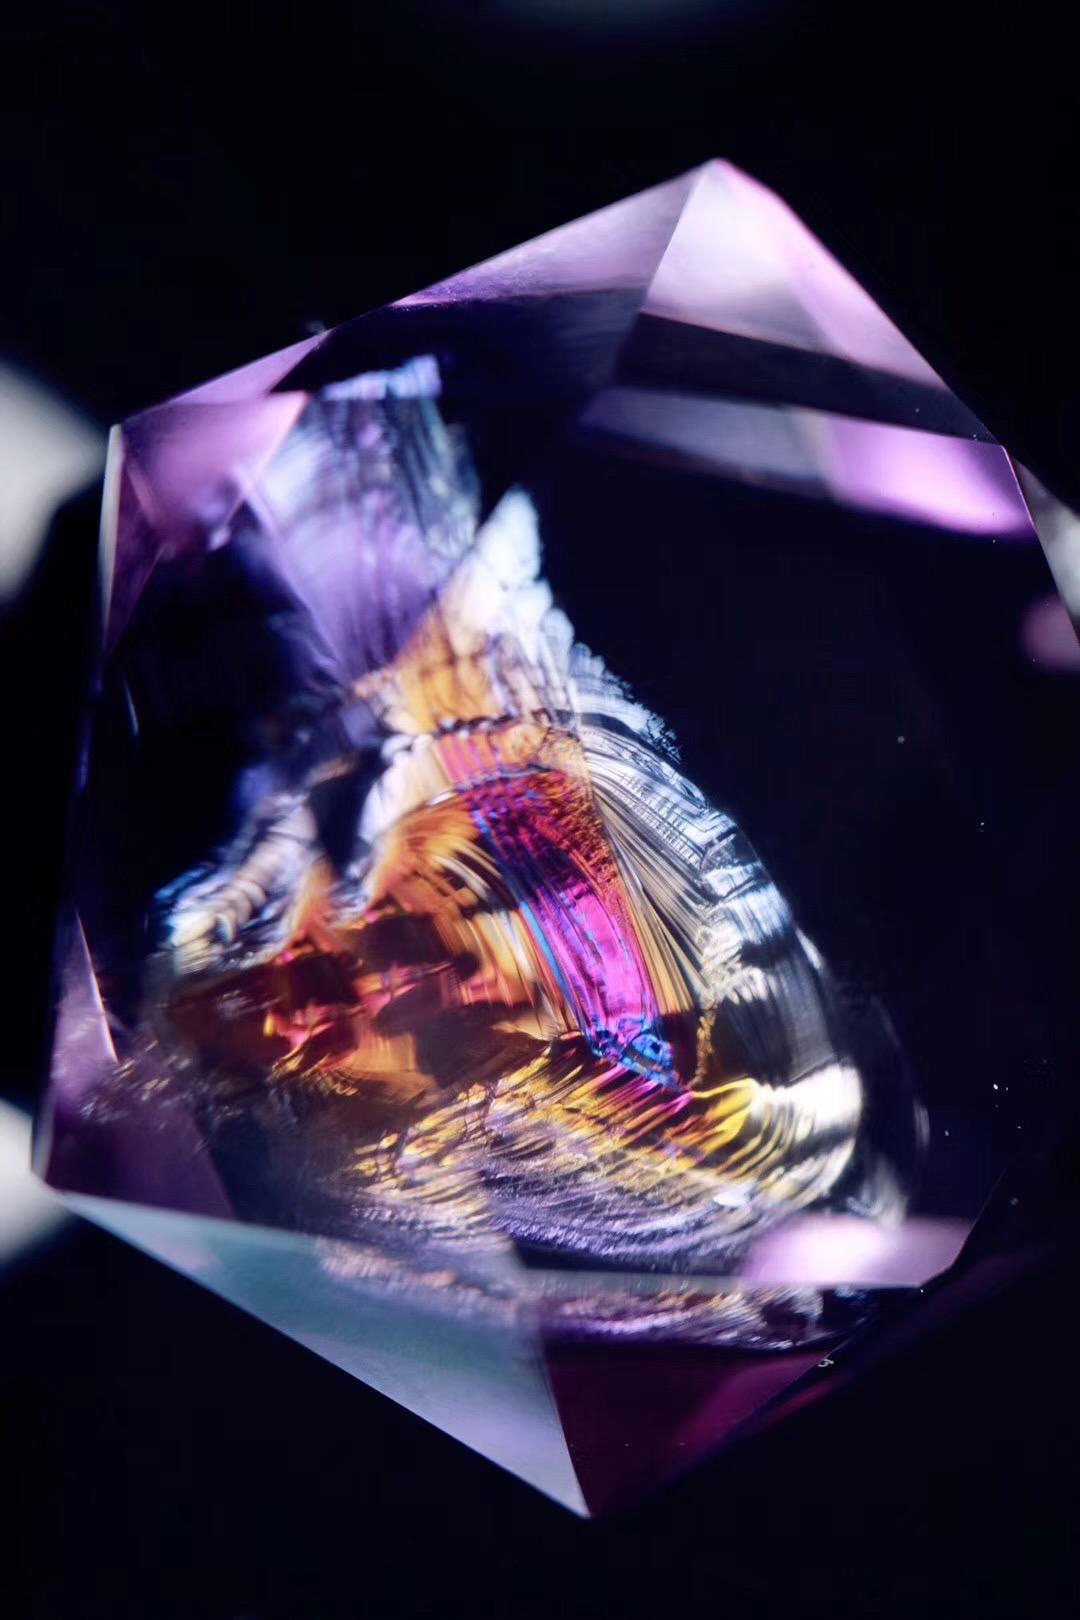 【菩心 | 紫水晶梅尔卡巴】此物万里无一,绝版~~-菩心晶舍